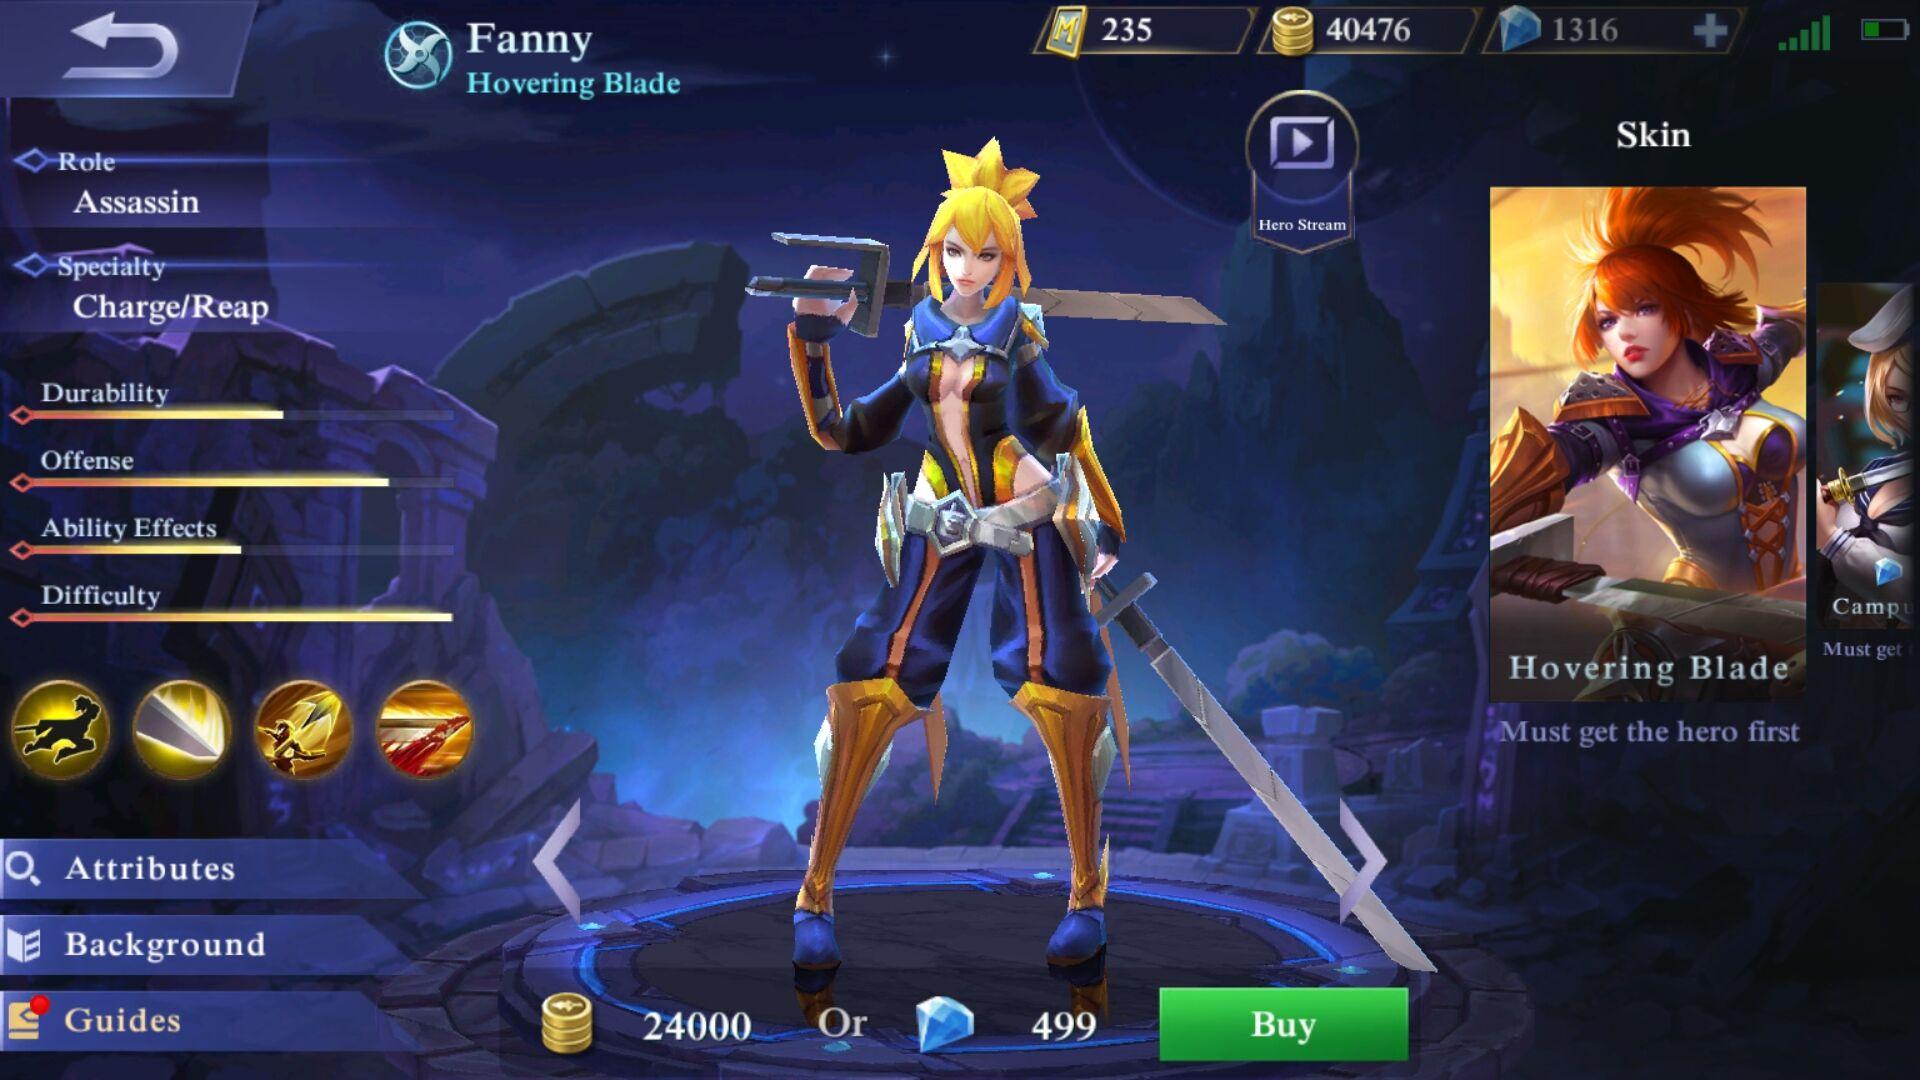 Hero Cewek Mobile Legends 2